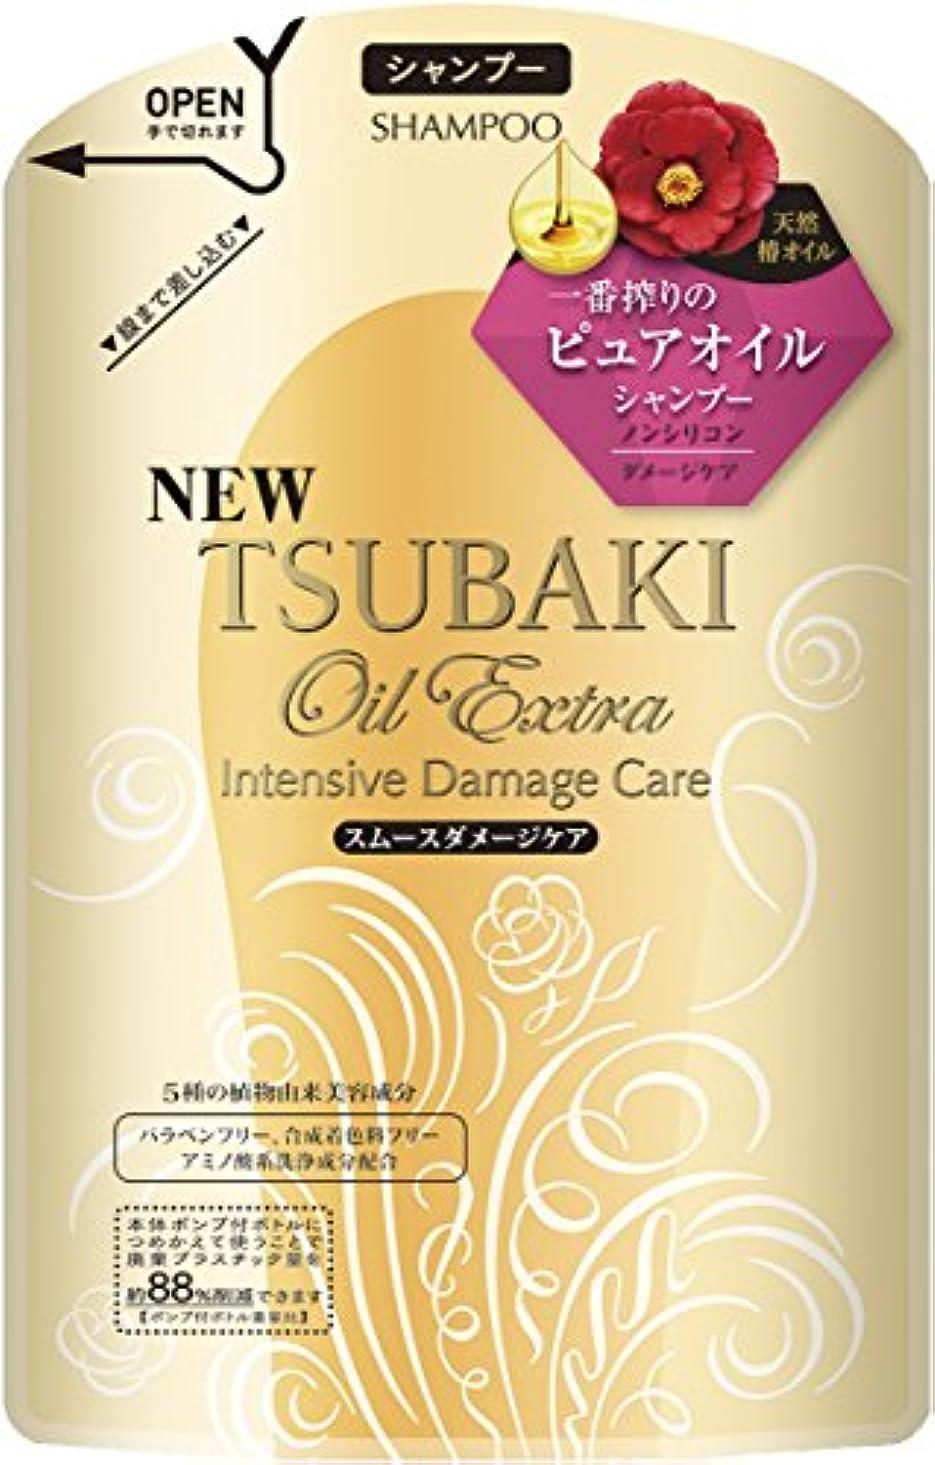 赤じゃがいも輸送TSUBAKI オイルエクストラ スムースダメージケア シャンプー 詰め替え用 (からまりやすい髪用?ノンシリコン) 330ml